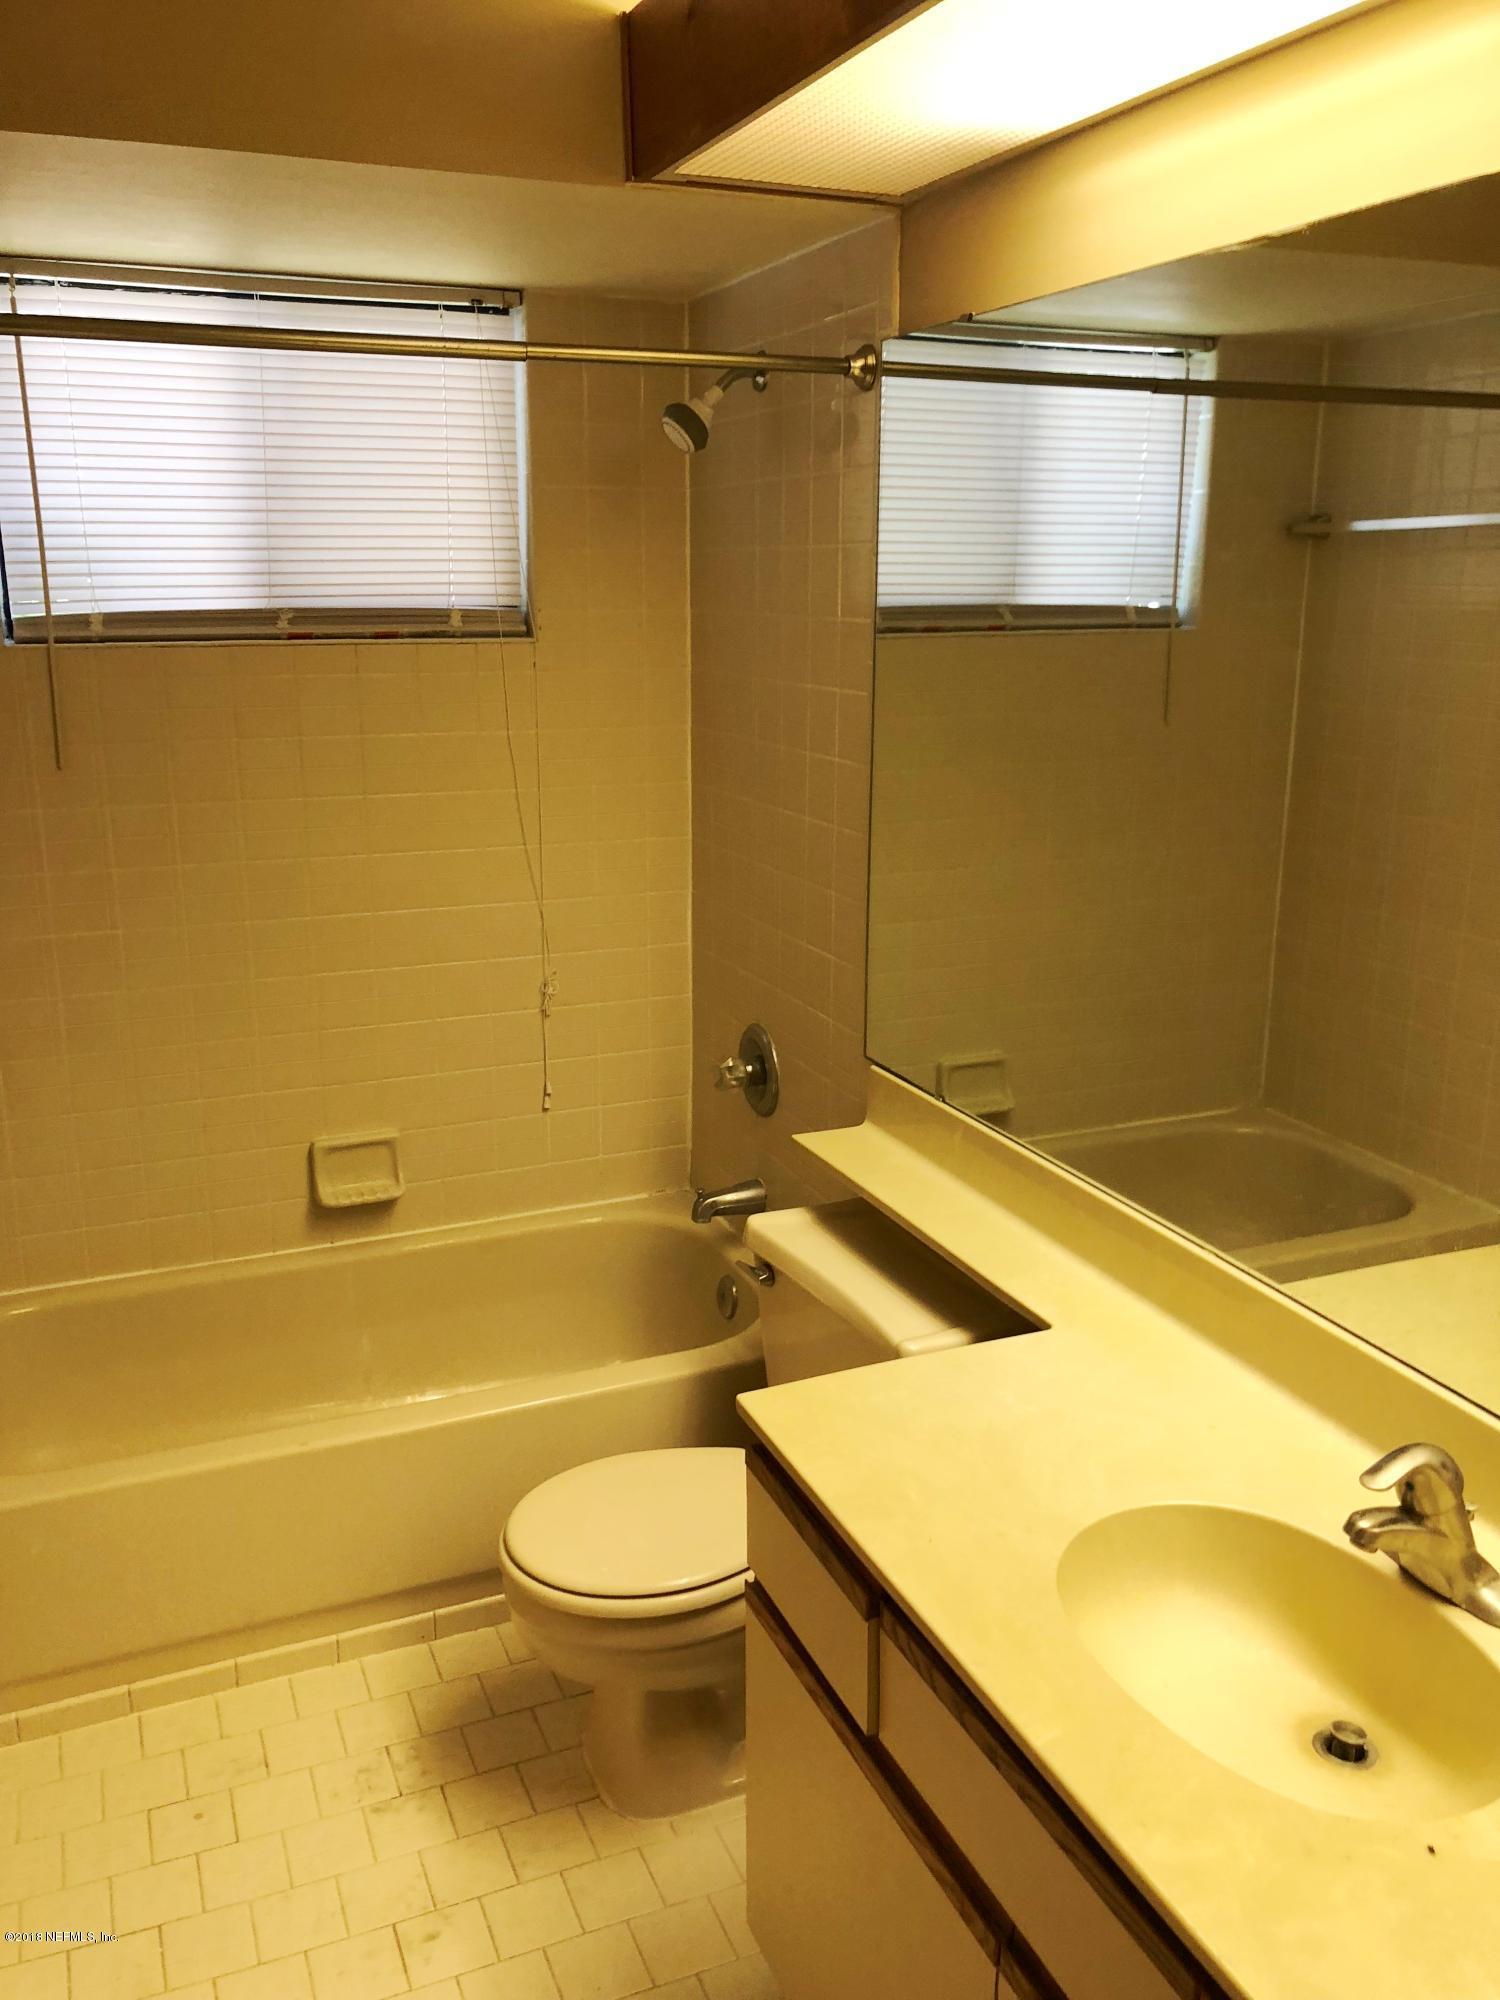 4849 BEACON, JACKSONVILLE, FLORIDA 32225, 3 Bedrooms Bedrooms, ,2 BathroomsBathrooms,Rental,For Rent,BEACON,1082672